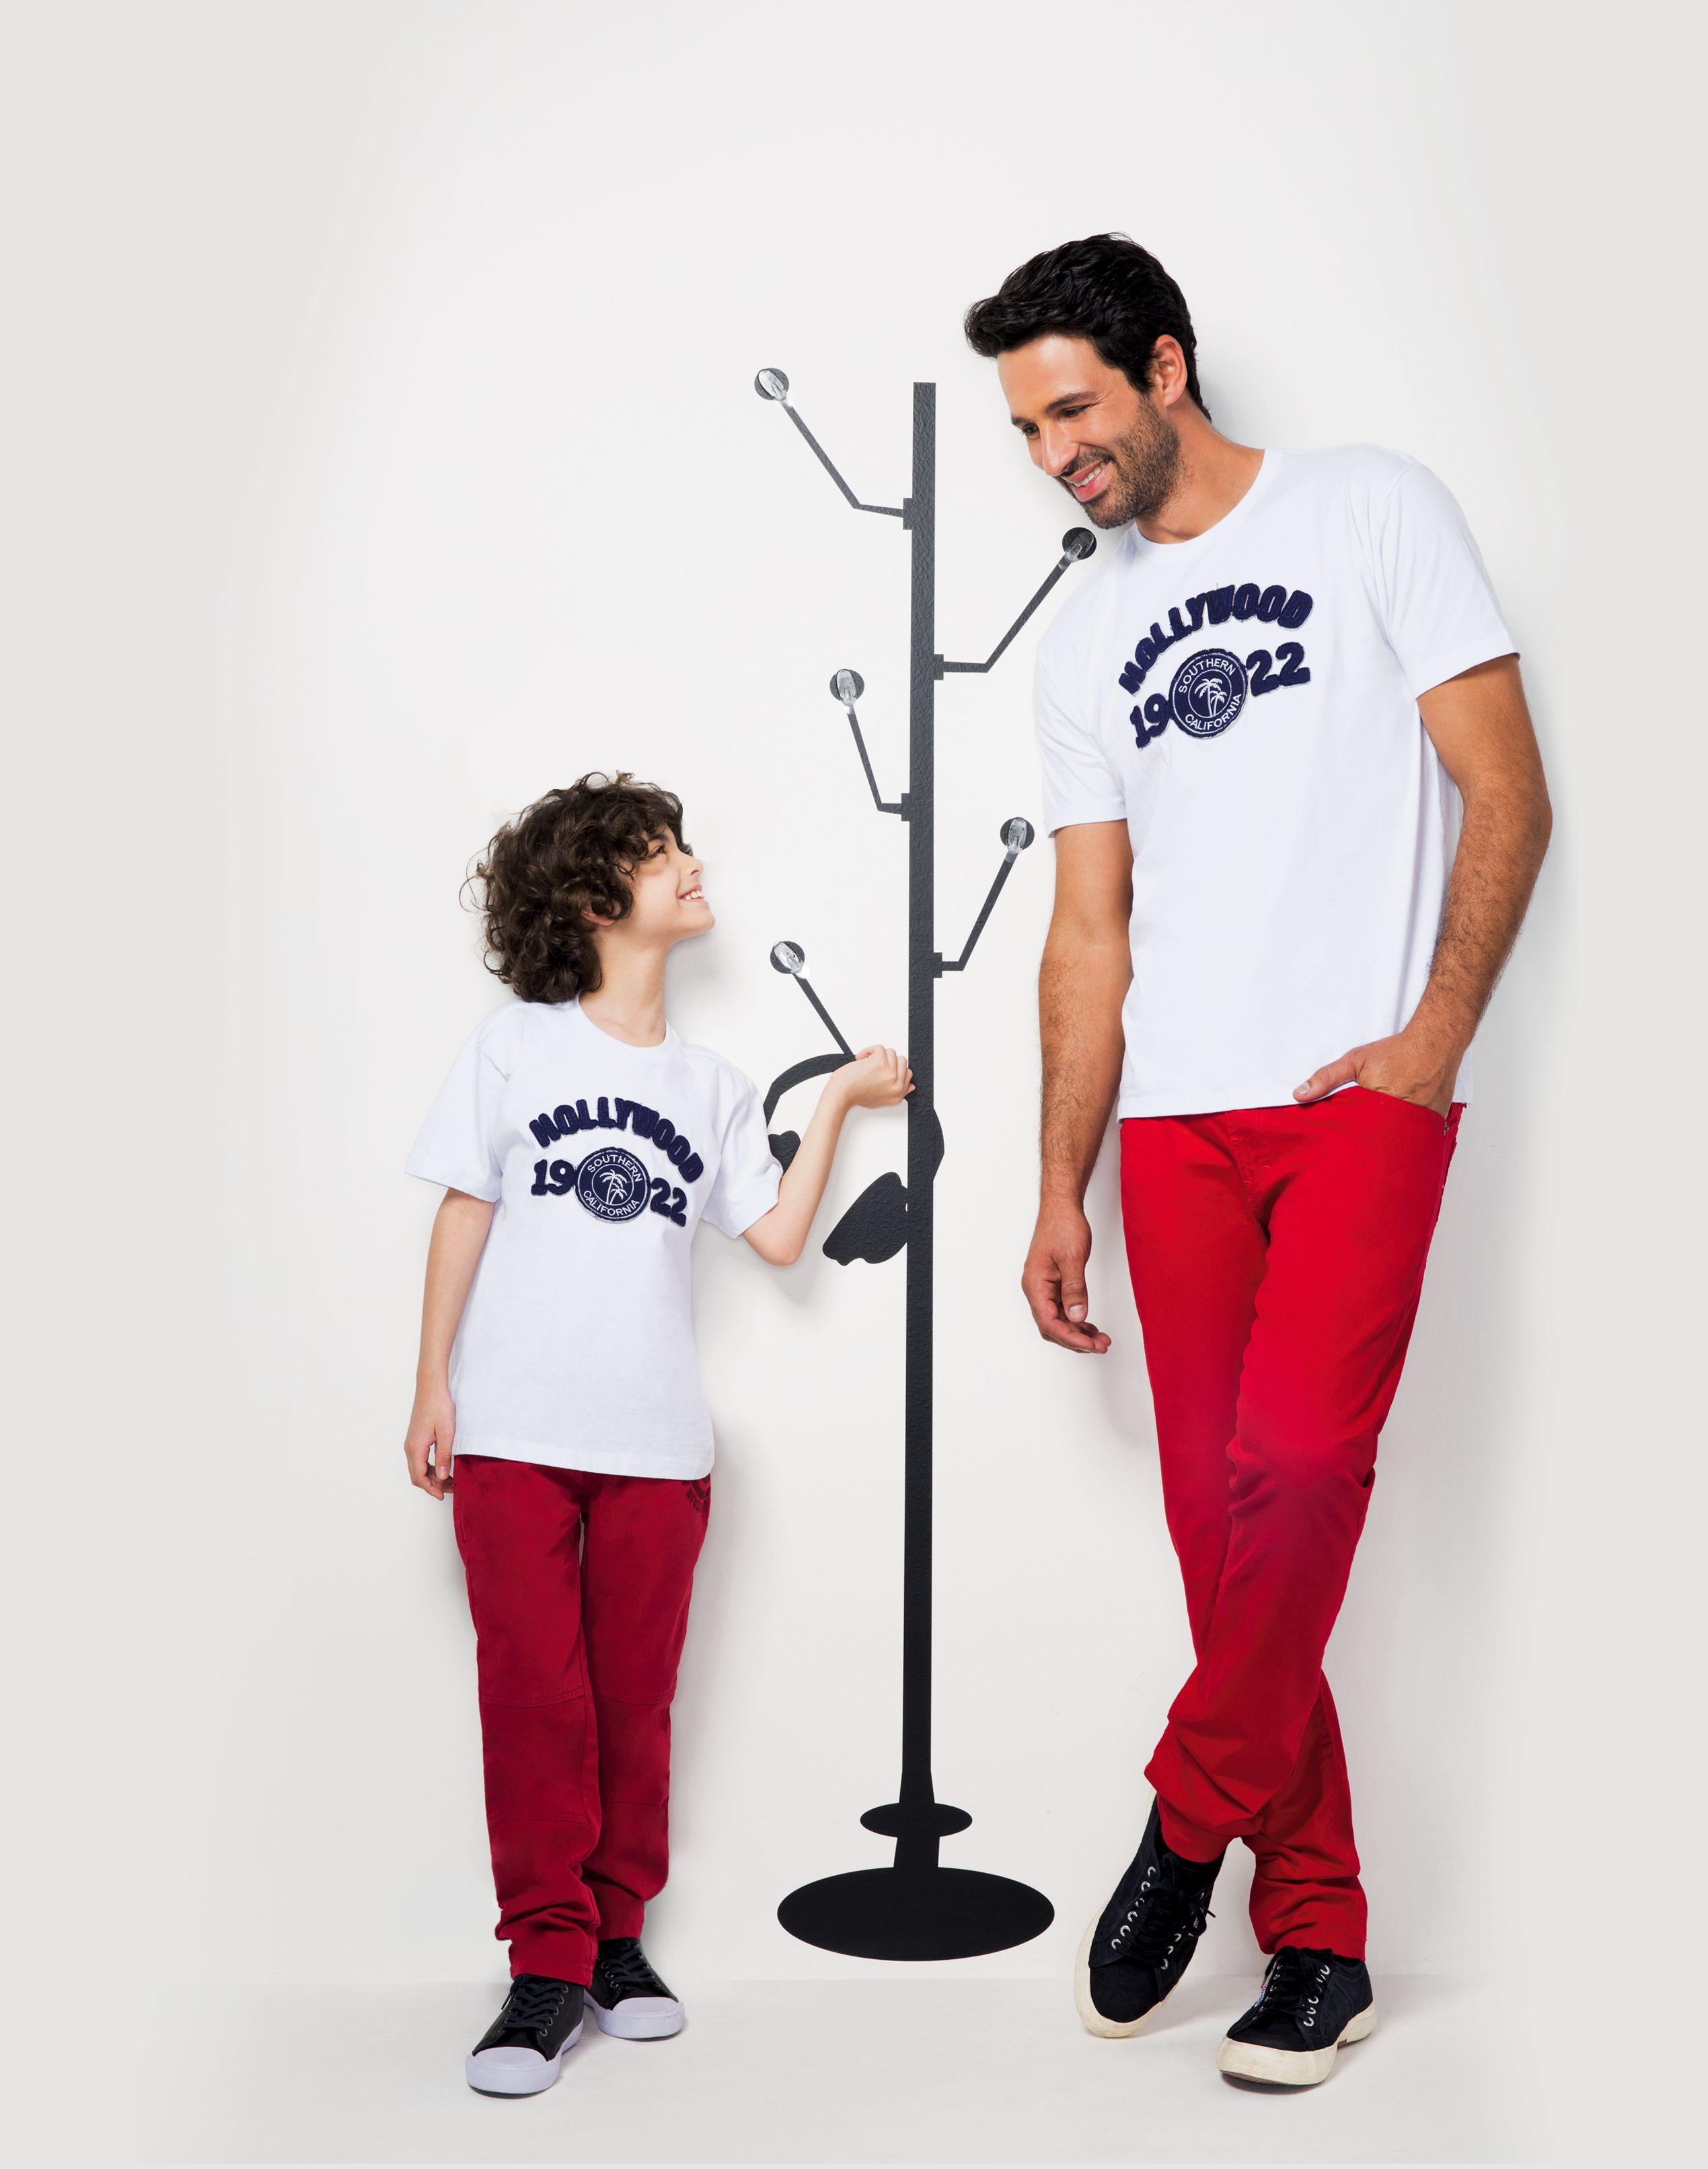 Campanha Dia dos Pais / Torra Torra - Estúdio